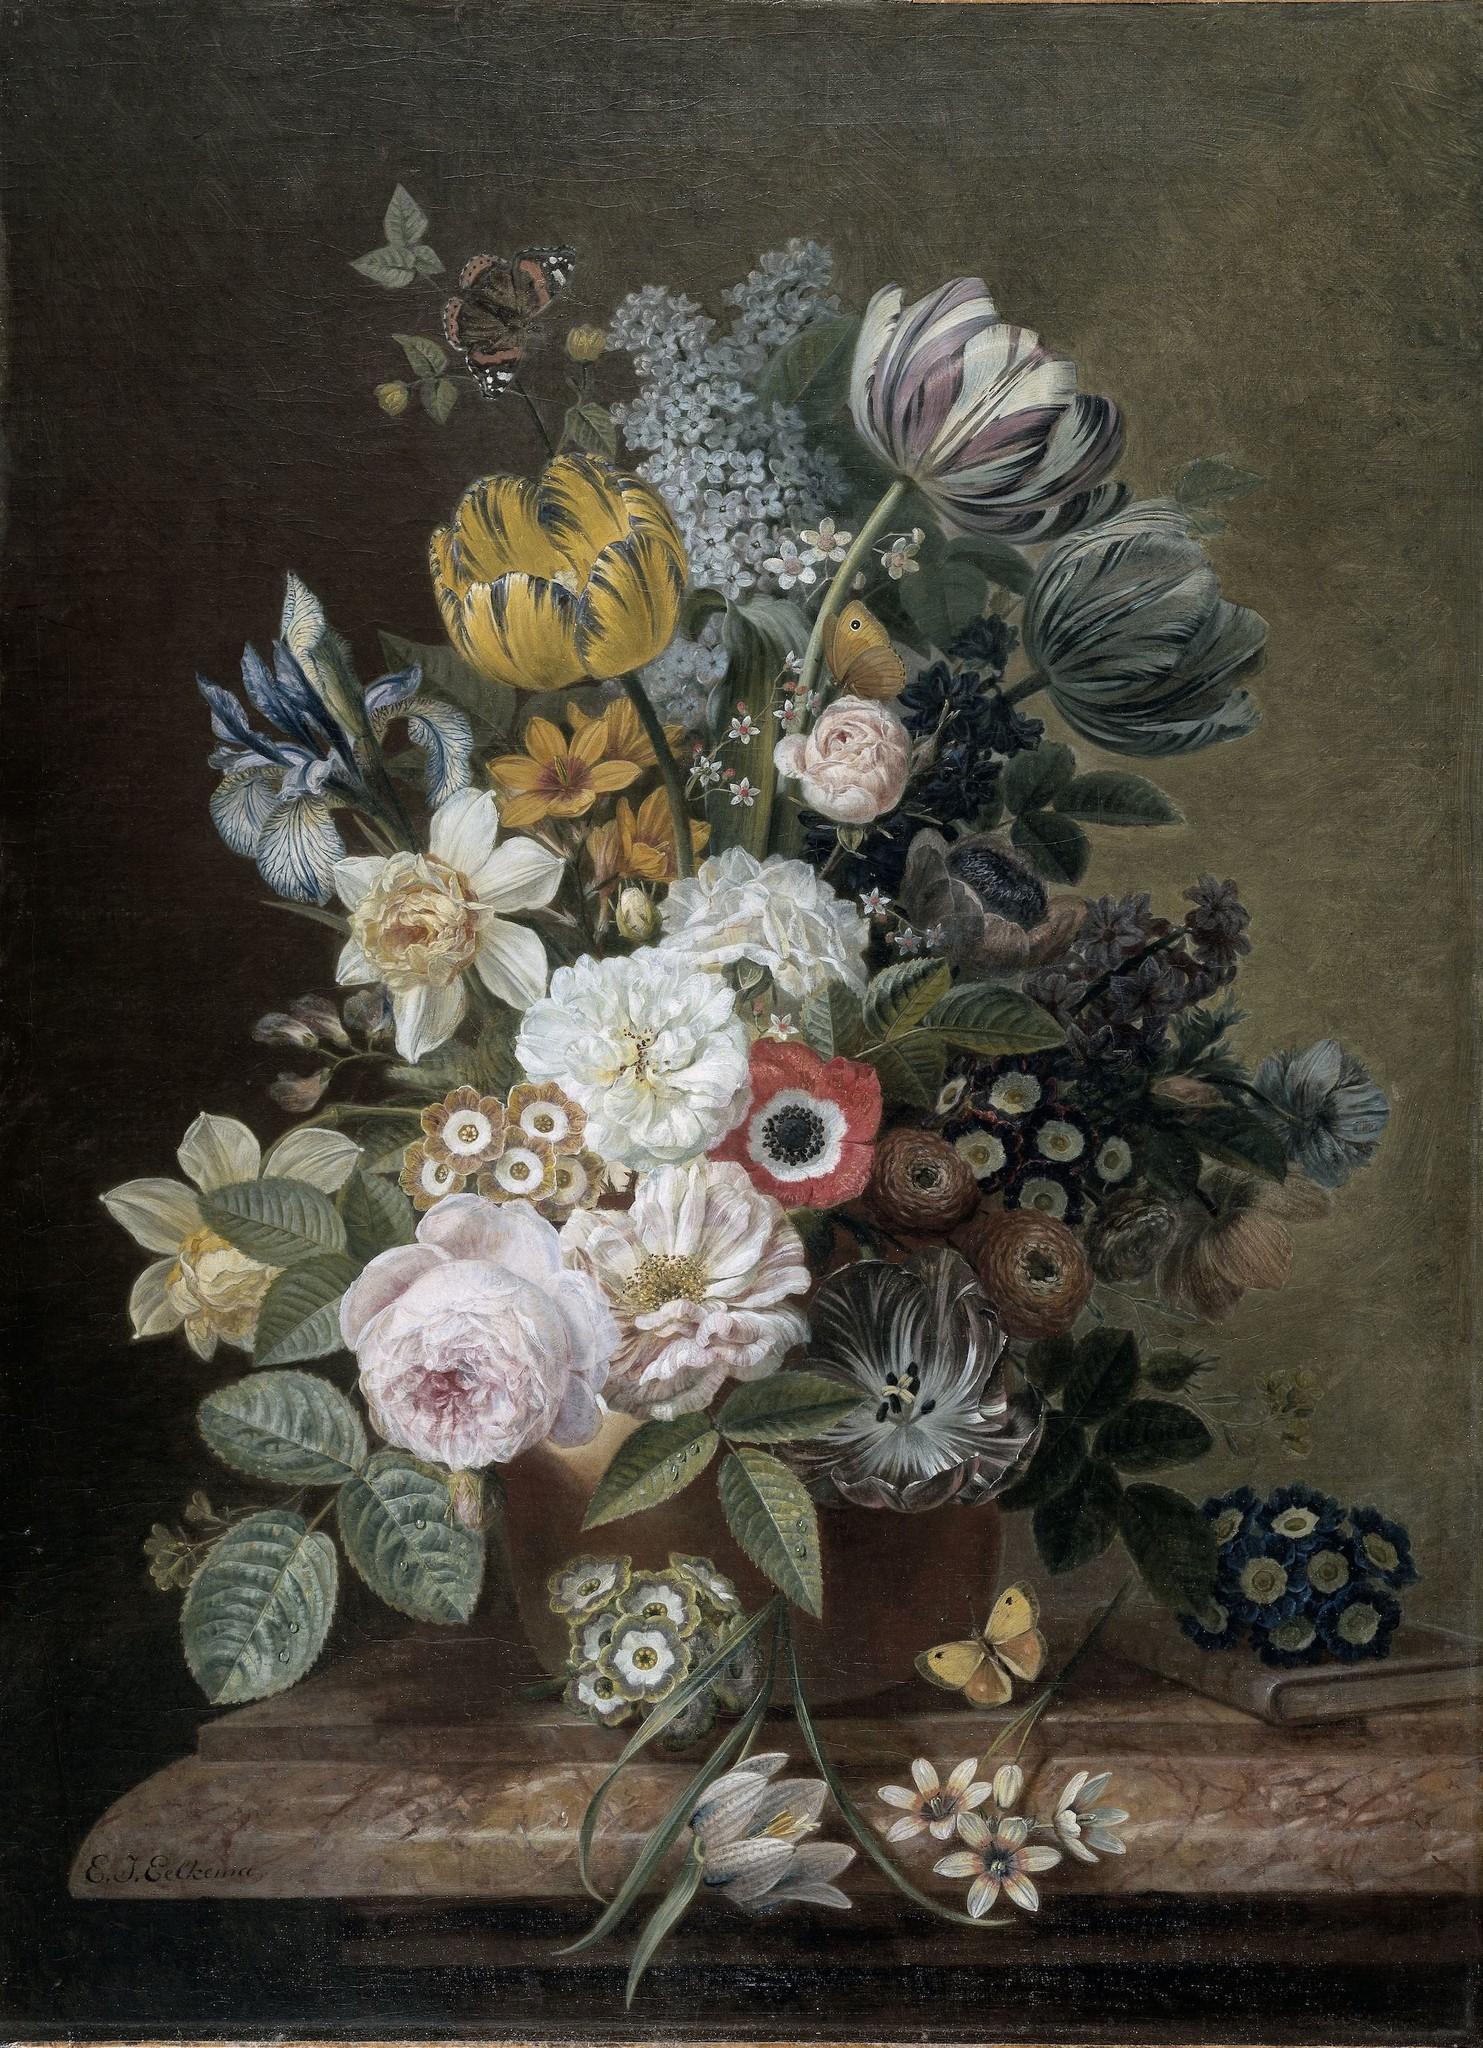 Schilderij - Eelke Jelles Eelkema, Stilleven, 1815 - 1839, 70x100cm